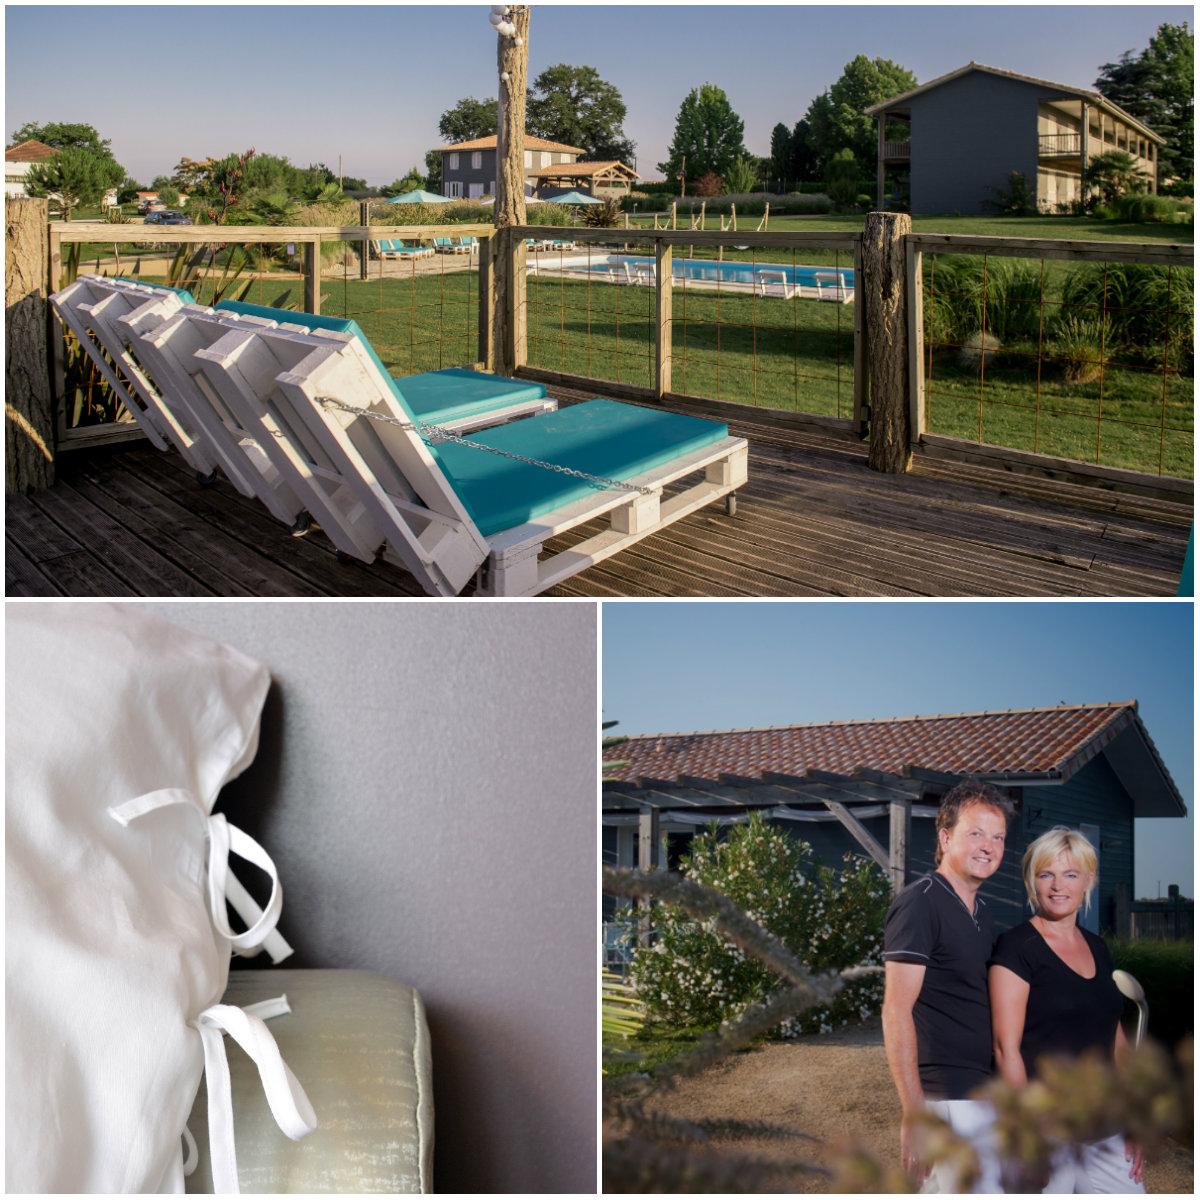 Nancy en Iwan van Hotel-la-petite-couronne in Les Landes